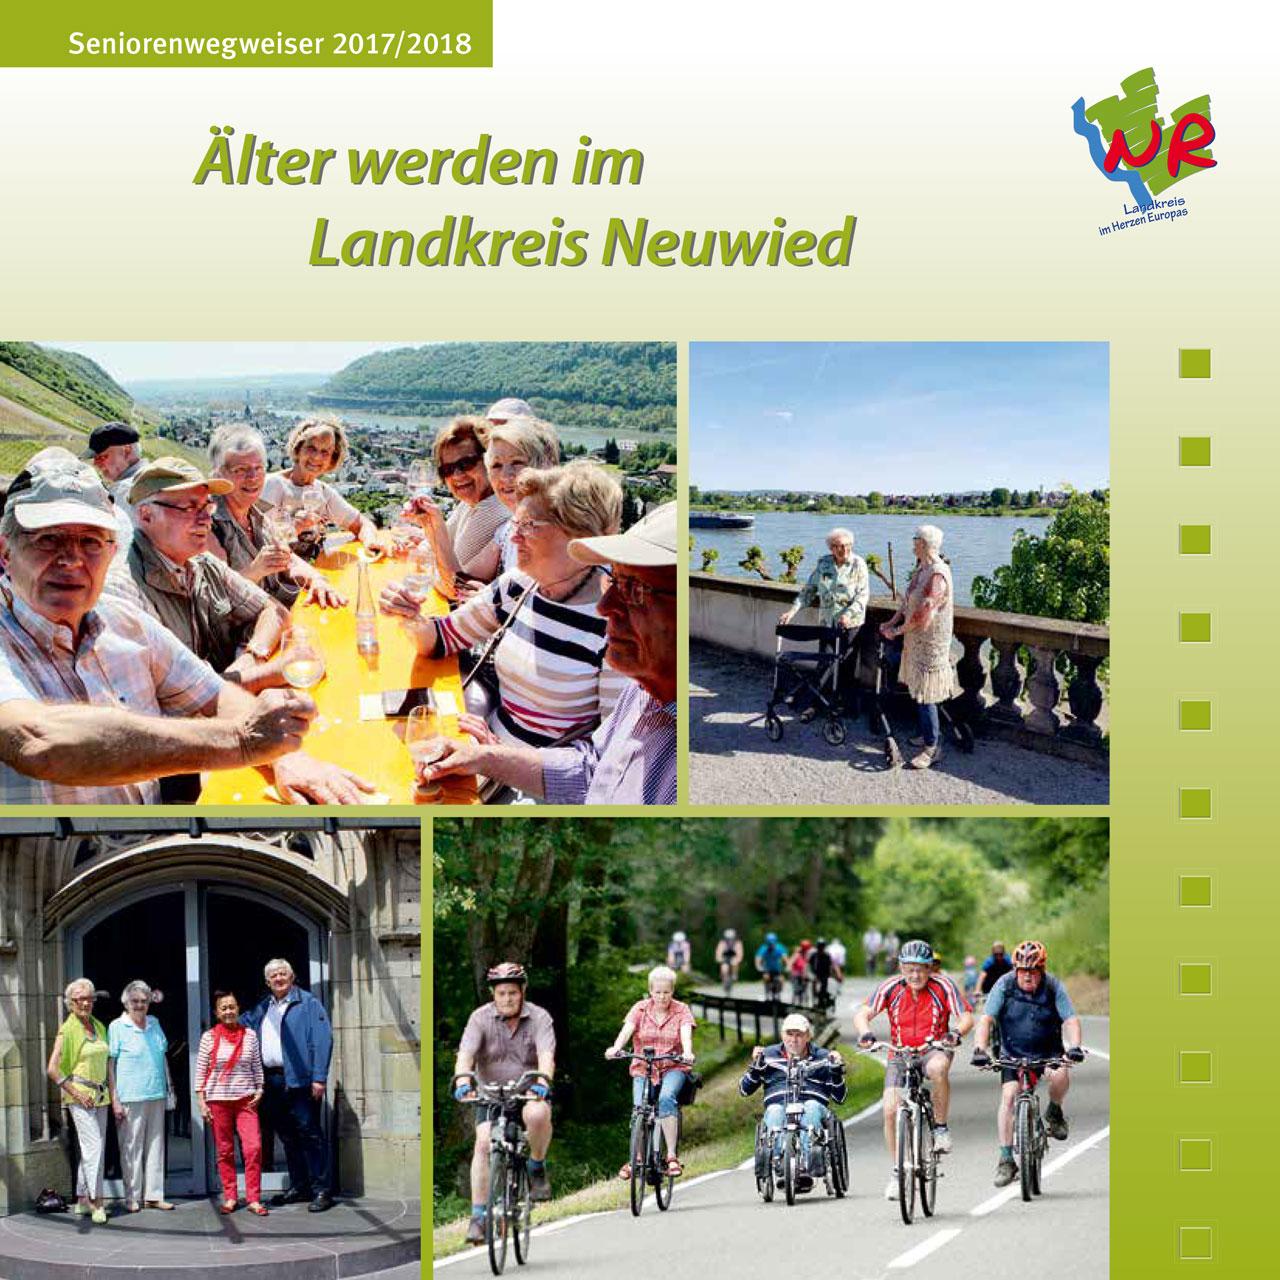 Seniorenwegweiser Landkreis Neuwied